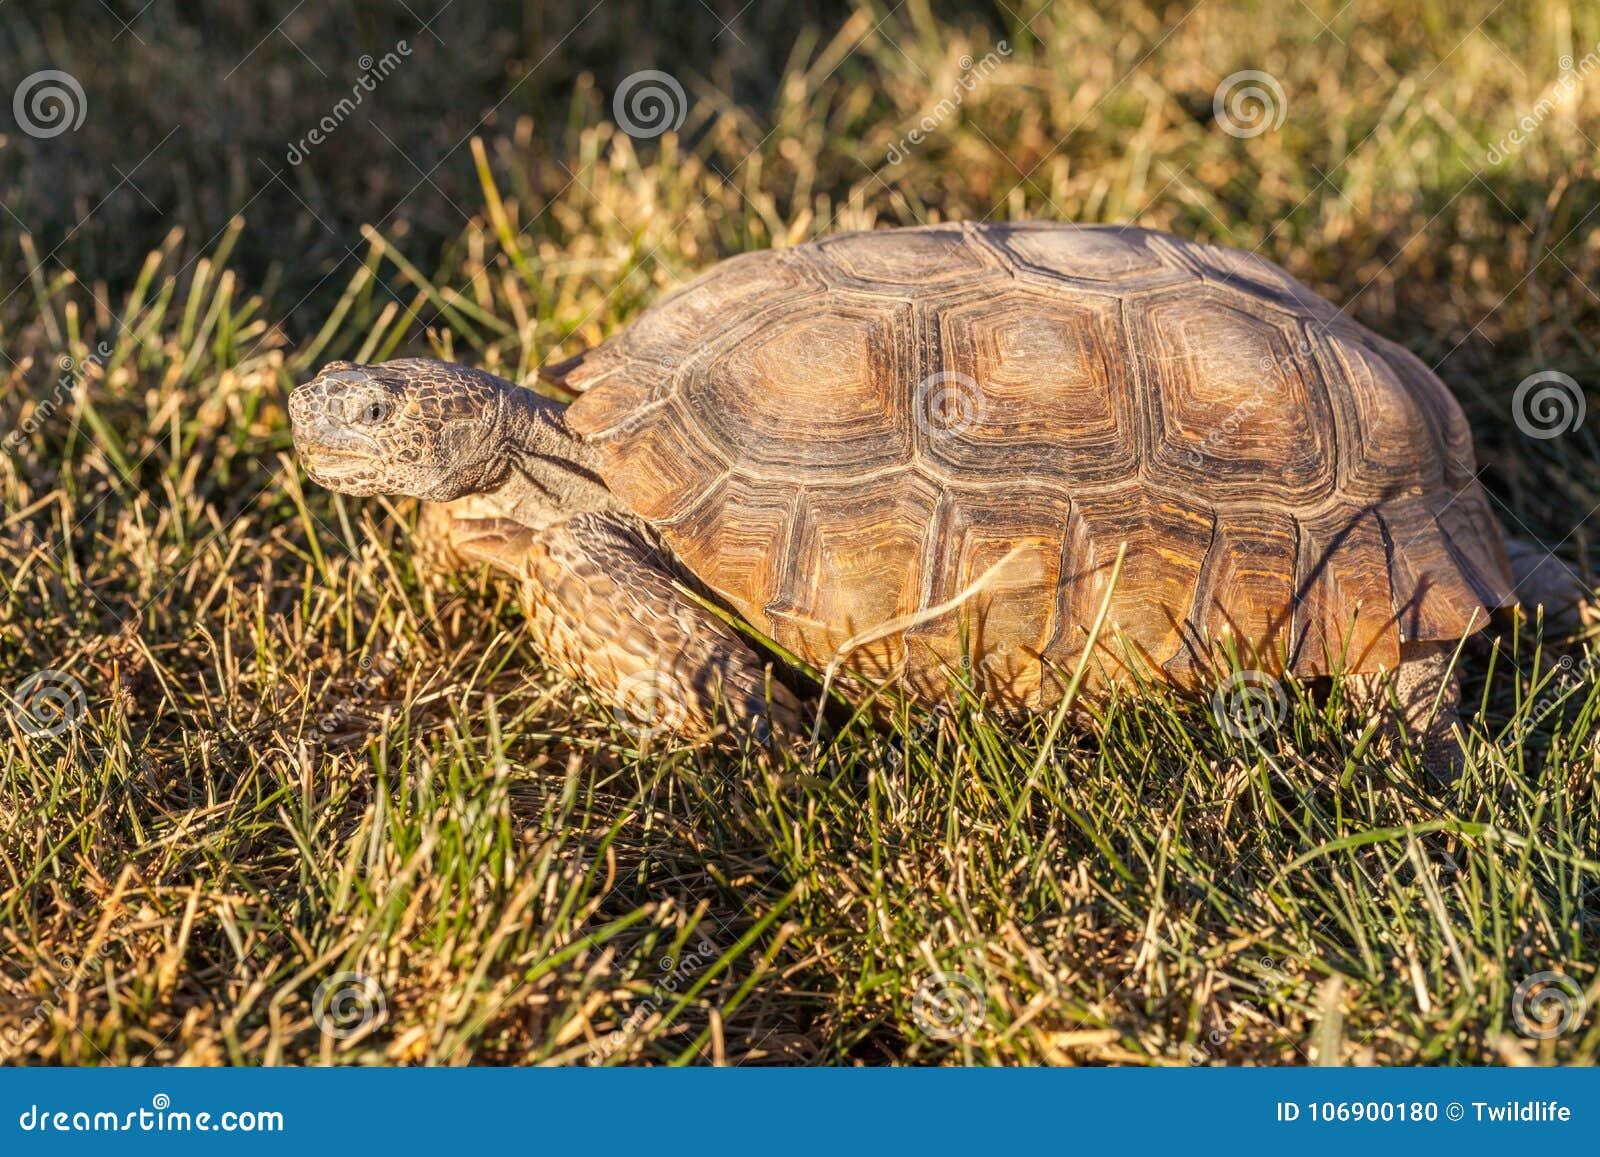 Pustynny Tortoise w trawie